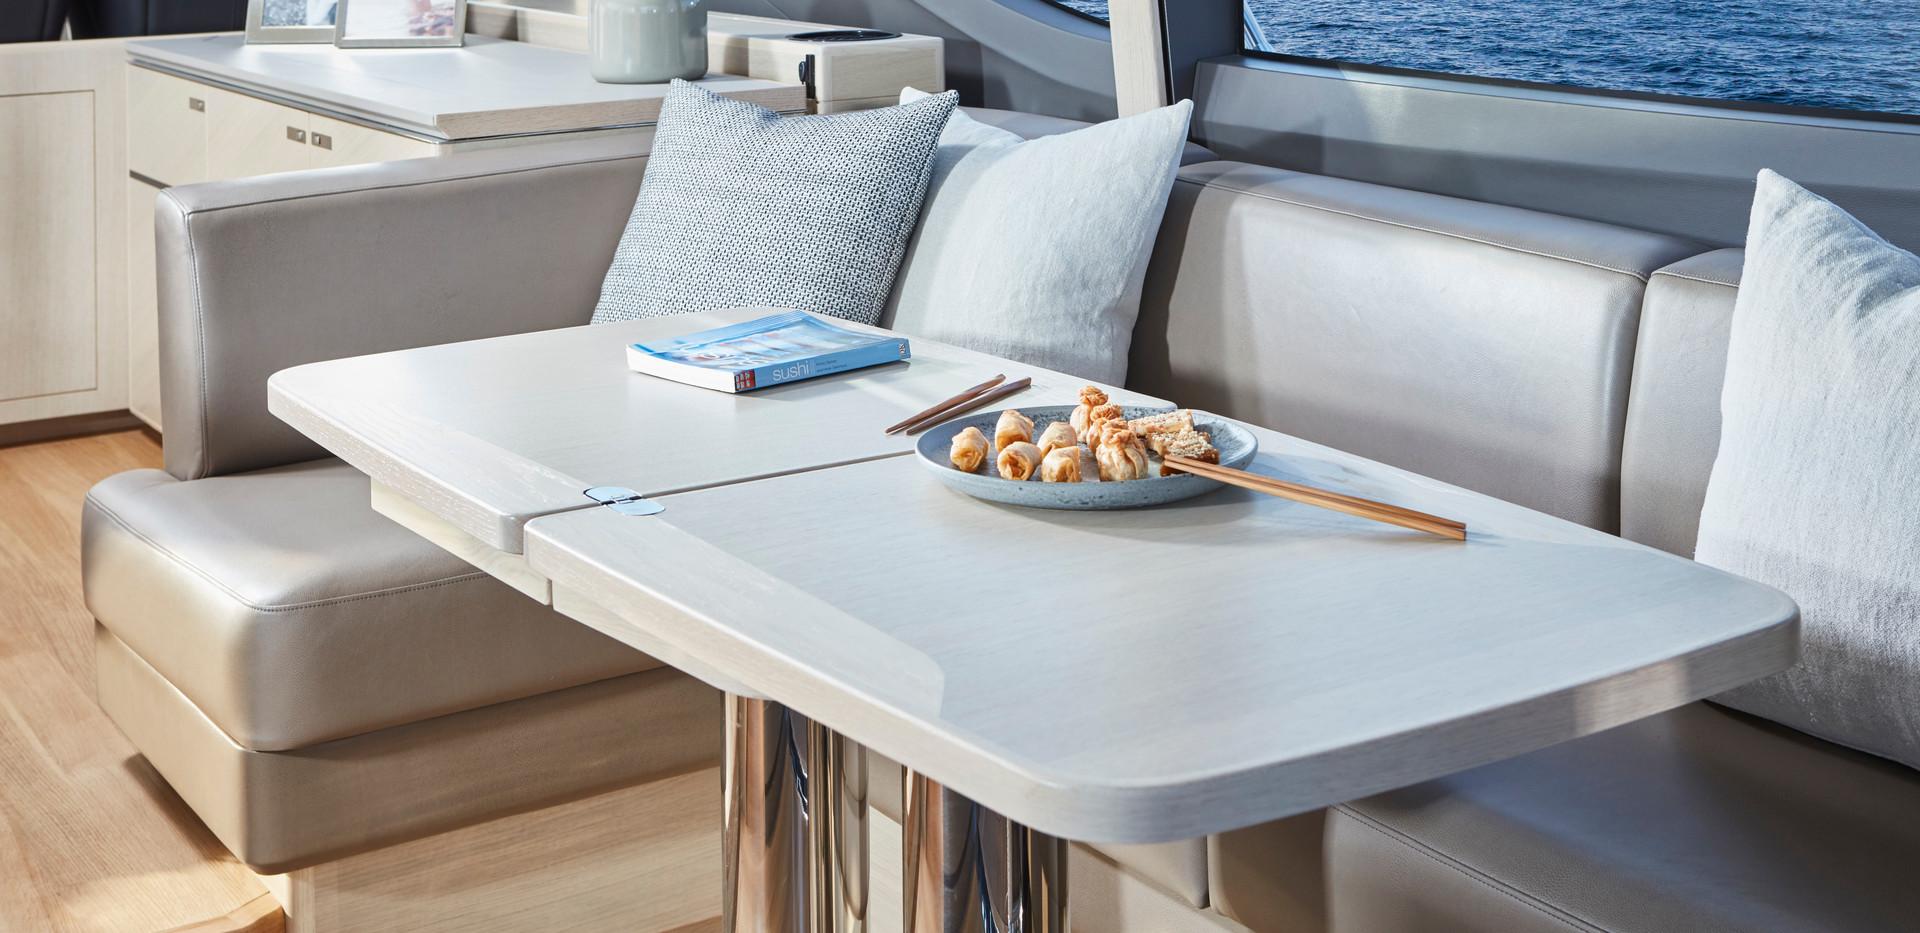 v60-interior-dining-area-alba-oak-satinA